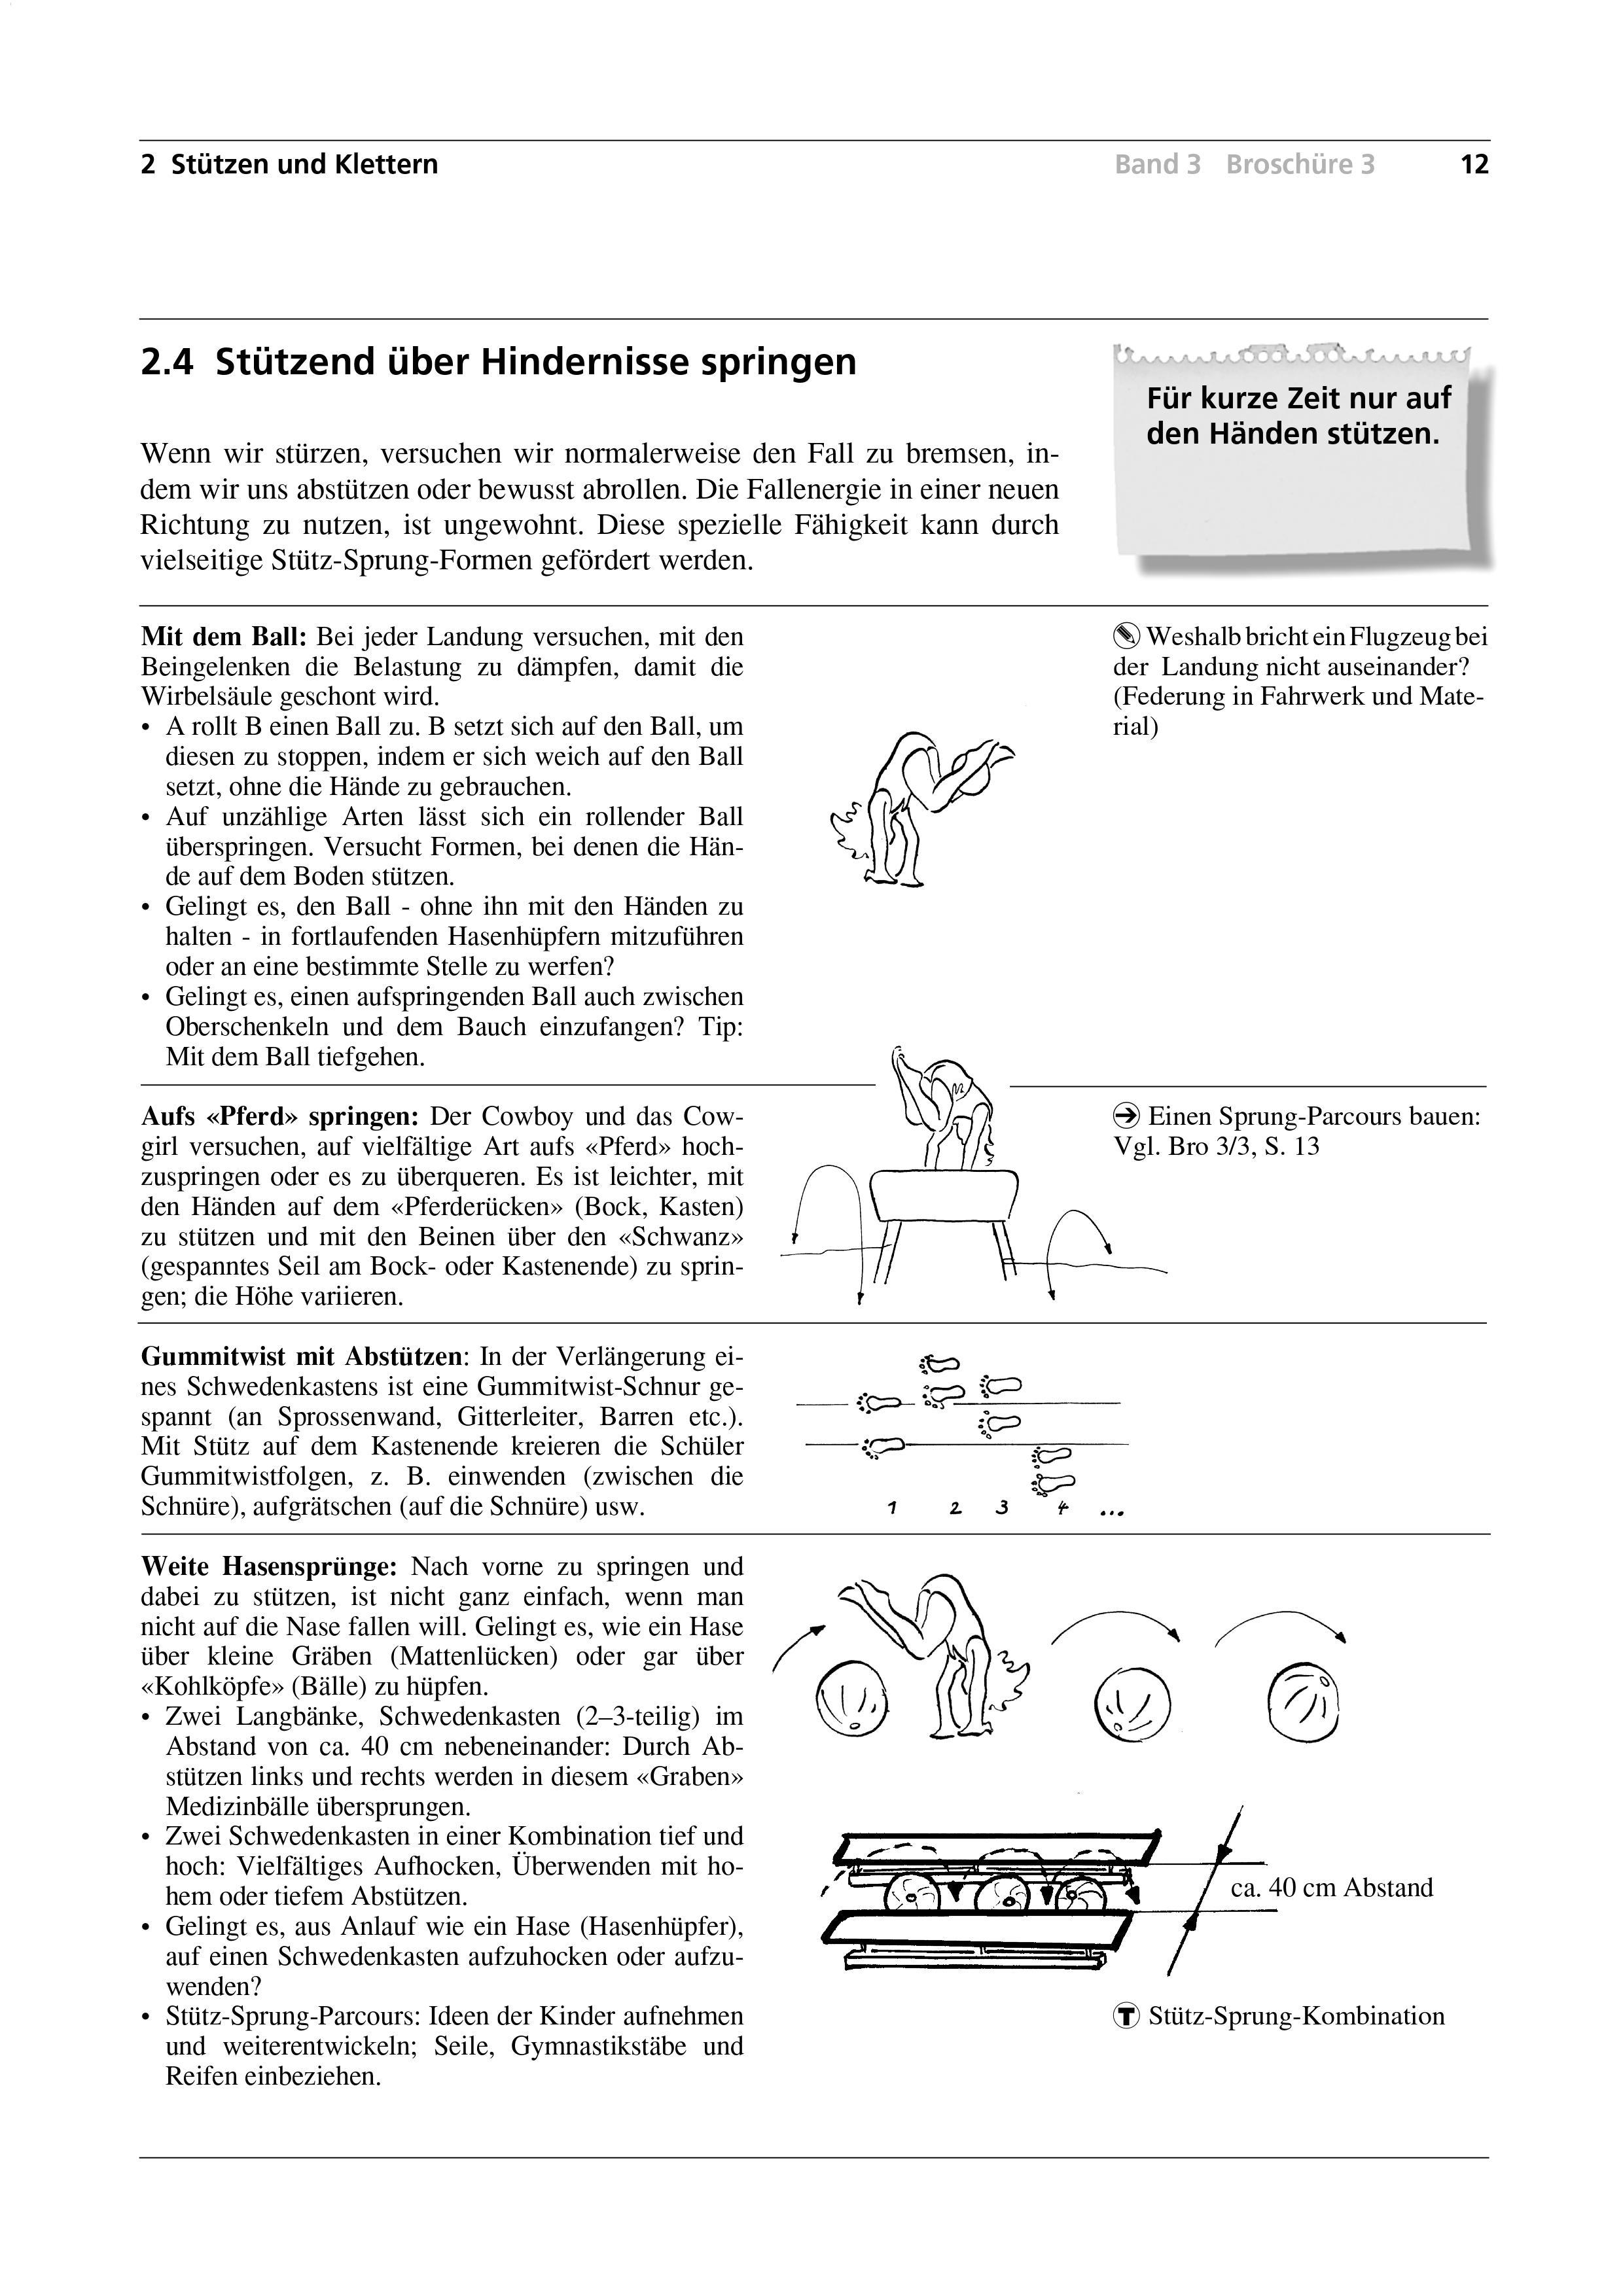 Preview image for LOM object Stützend über Hindernisse springen